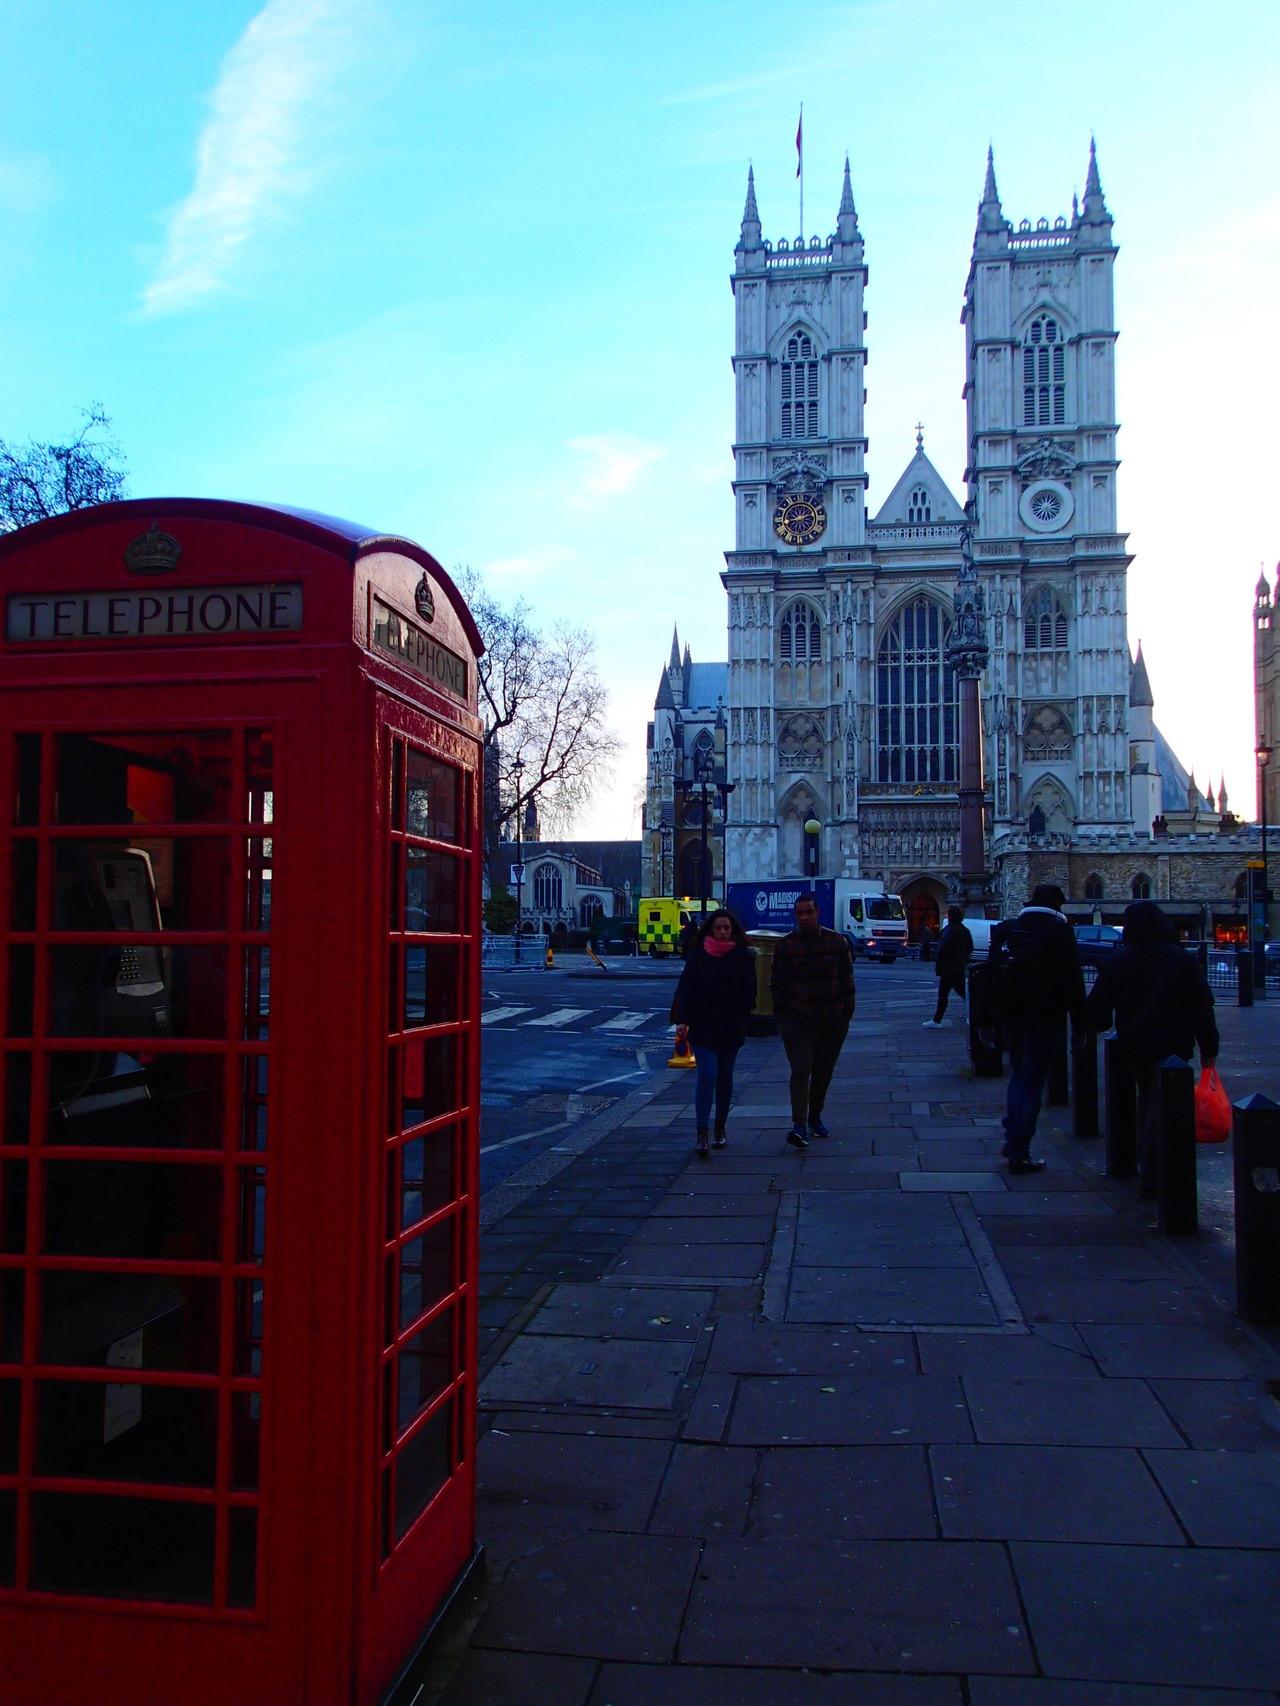 Eines der vielen roten Telefonzellen, mit der Westminster Abbey im Hintergrund